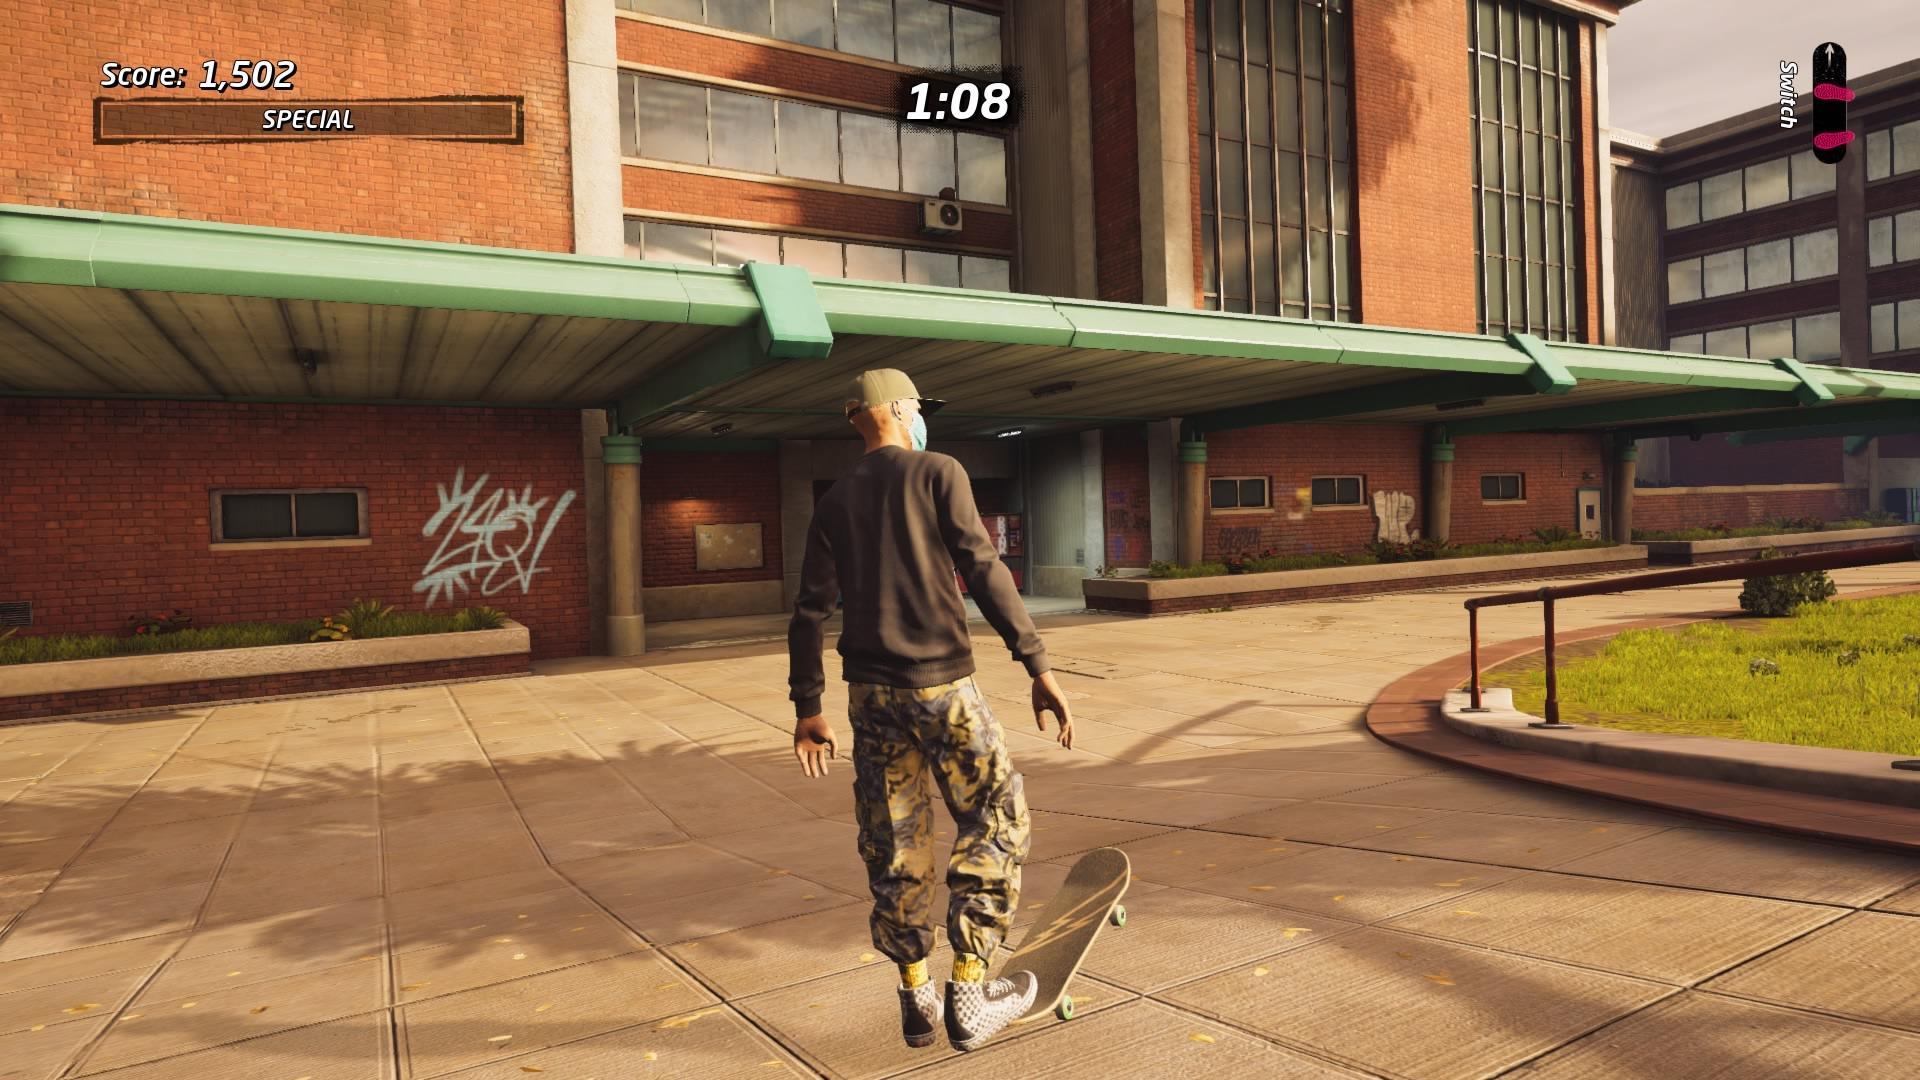 Tony Hawk's Pro Skate 1 + 2 in-game sreenshot